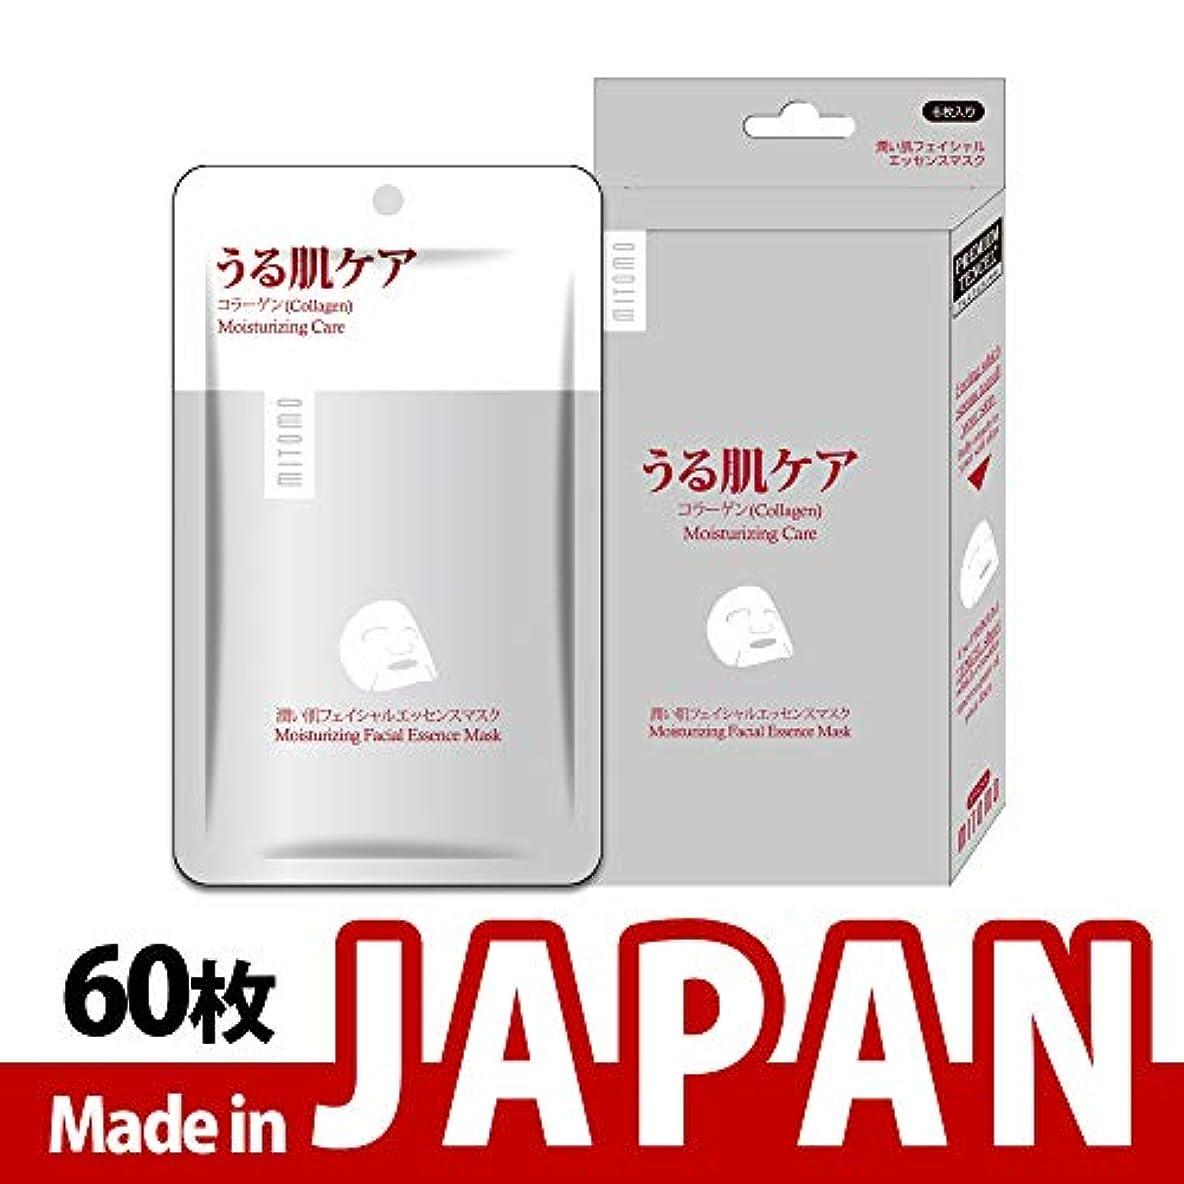 差別的致死安心【HS002-A-1】MITOMO日本製シートマスク/6枚入り/60枚/美容液/マスクパック/送料無料